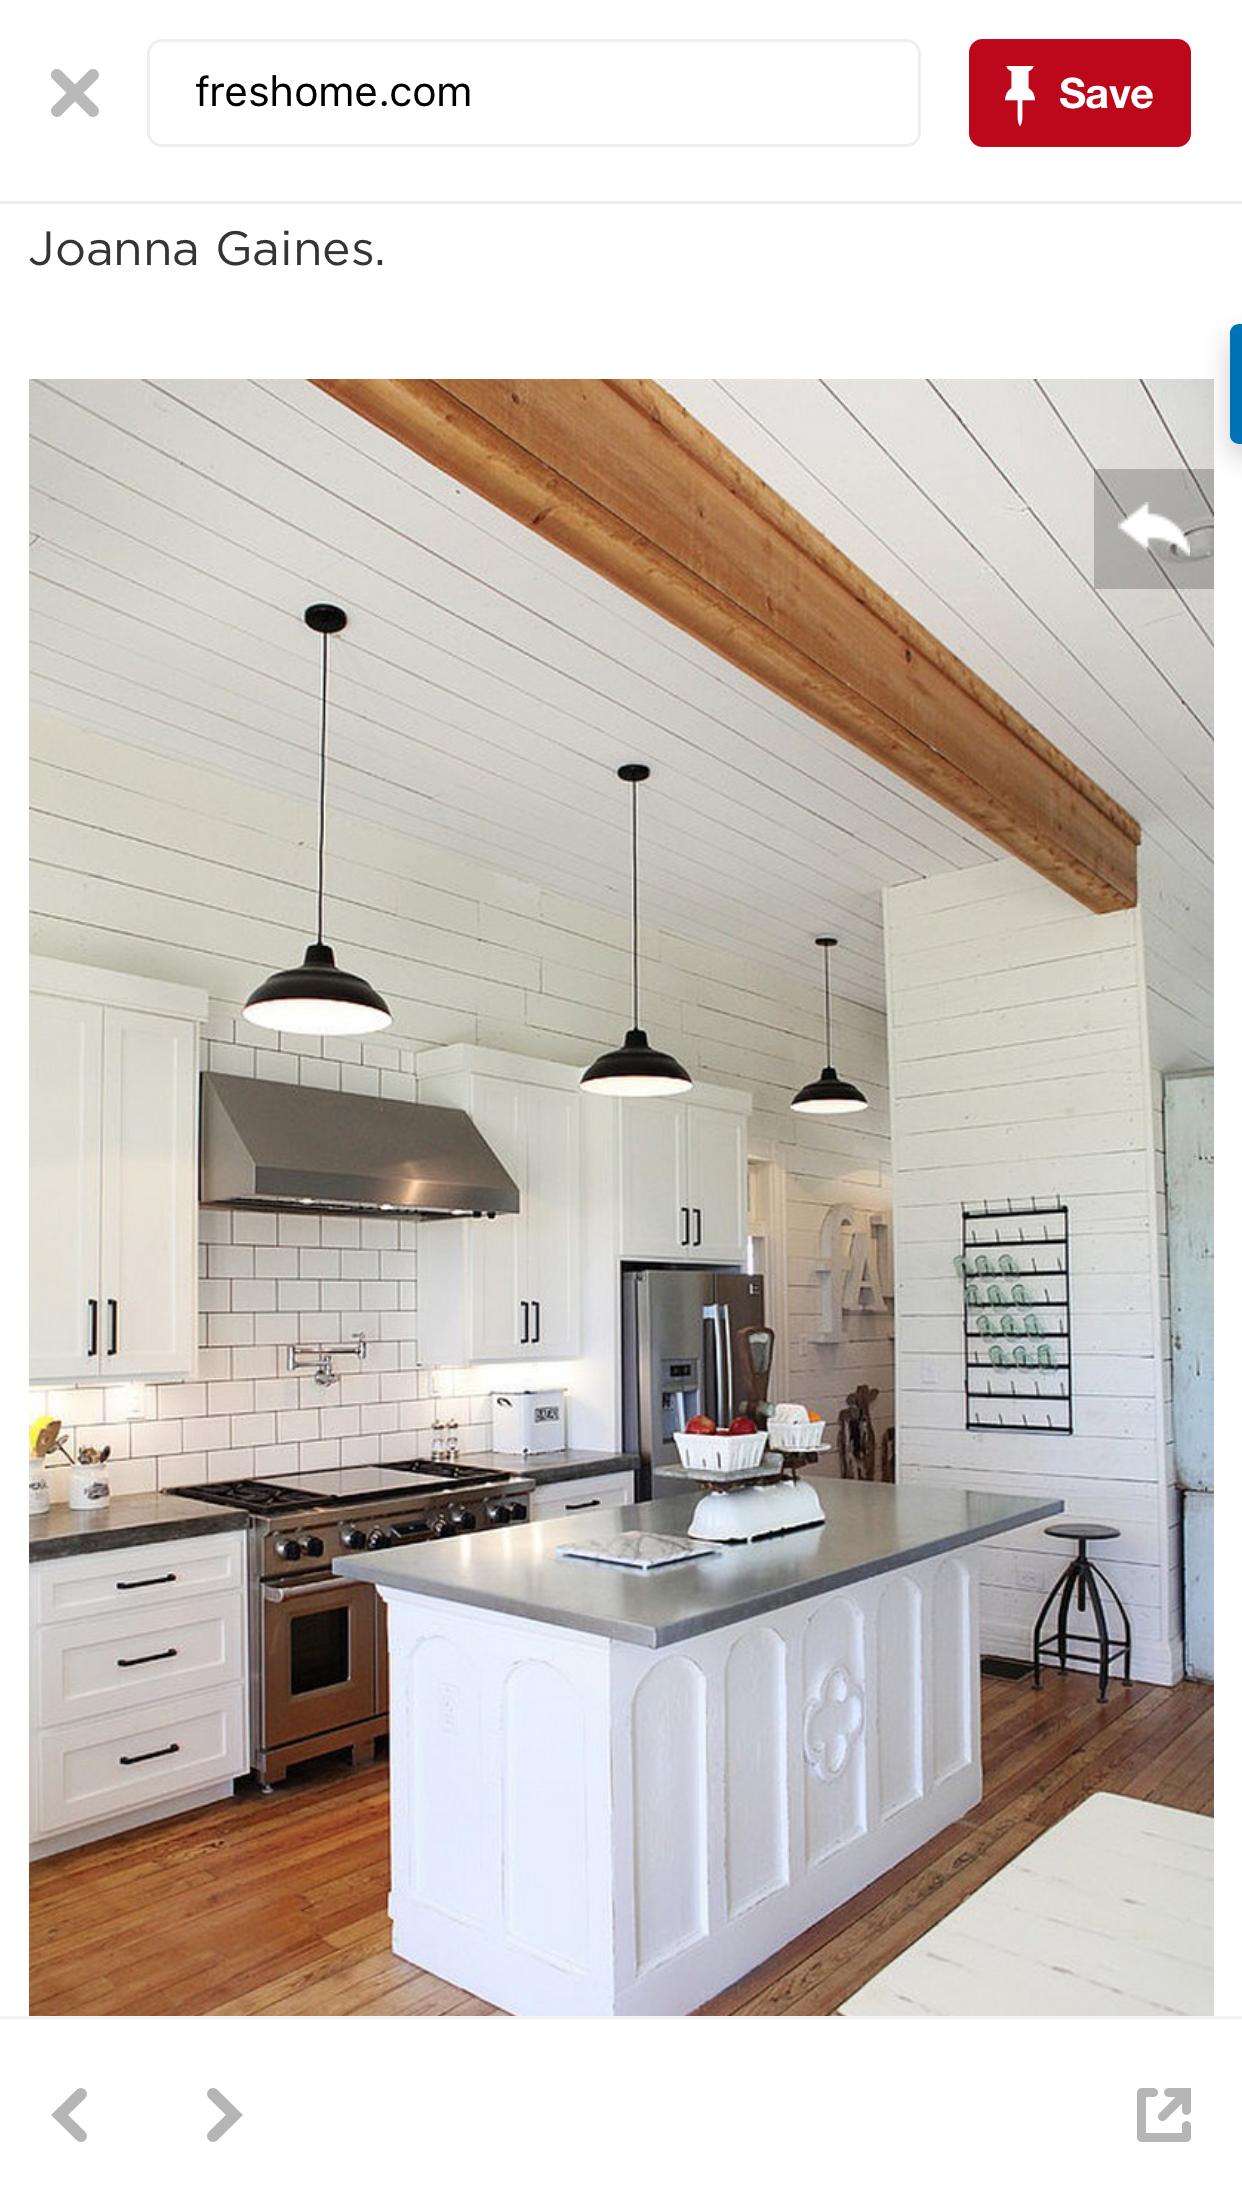 Pin von Christi auf Home decor | Pinterest | Küche